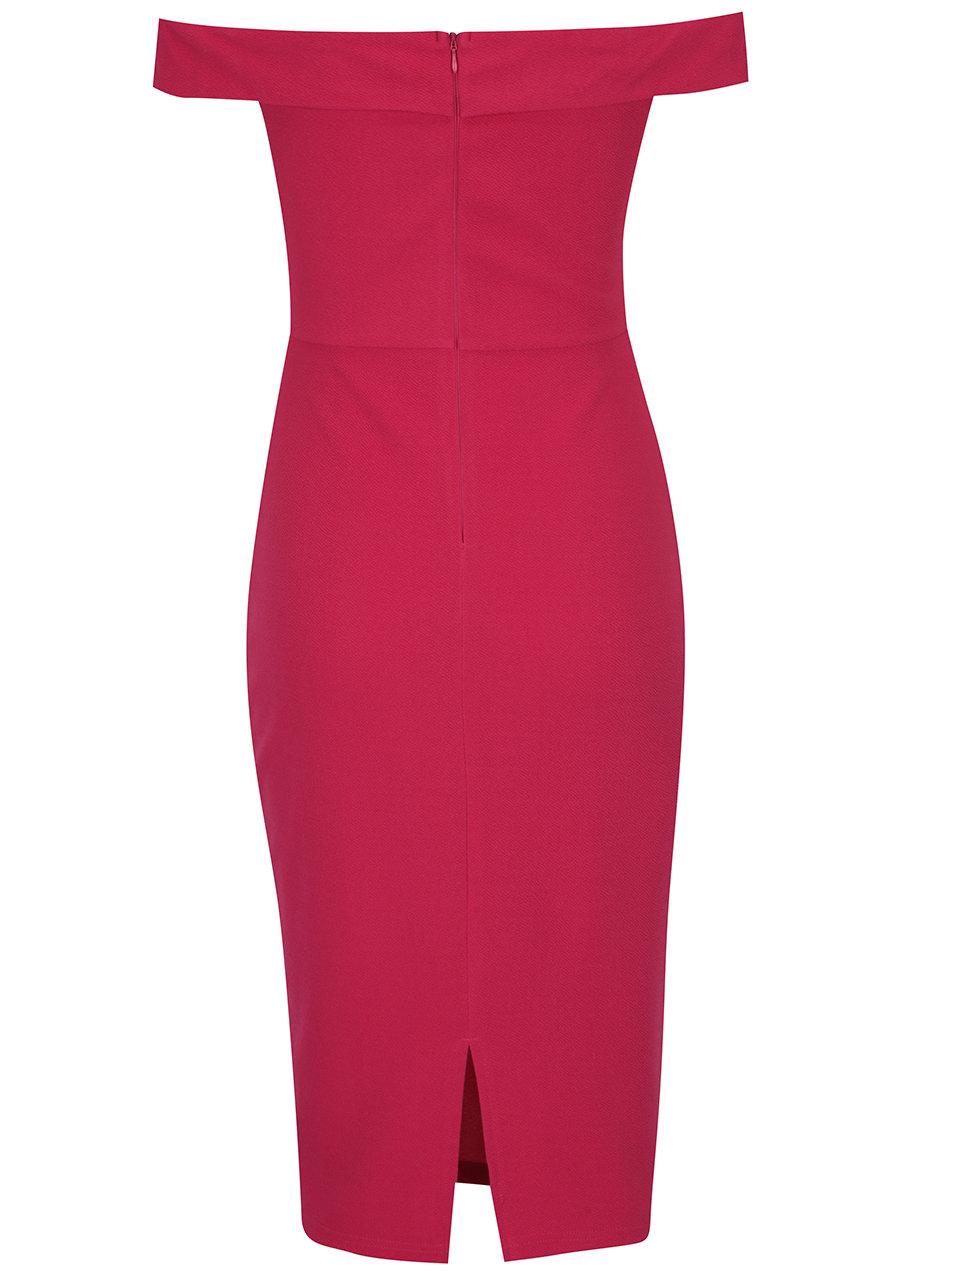 e996ef69bd80 Ružové puzdrové šaty s odhalenými ramenami AX Paris ...